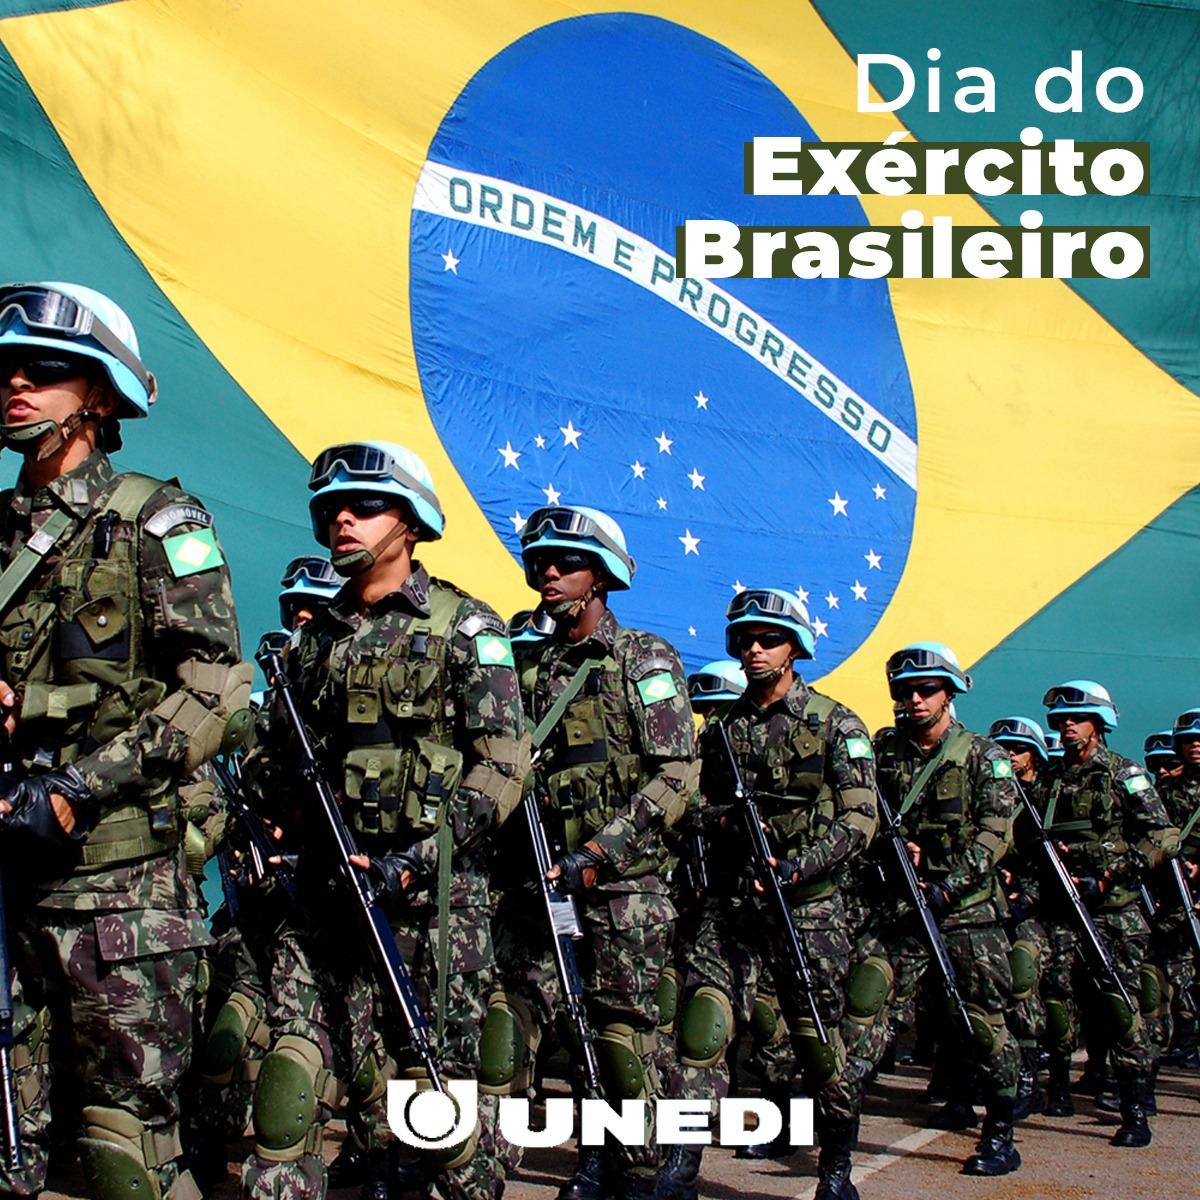 O dia do Exército Brasileiro